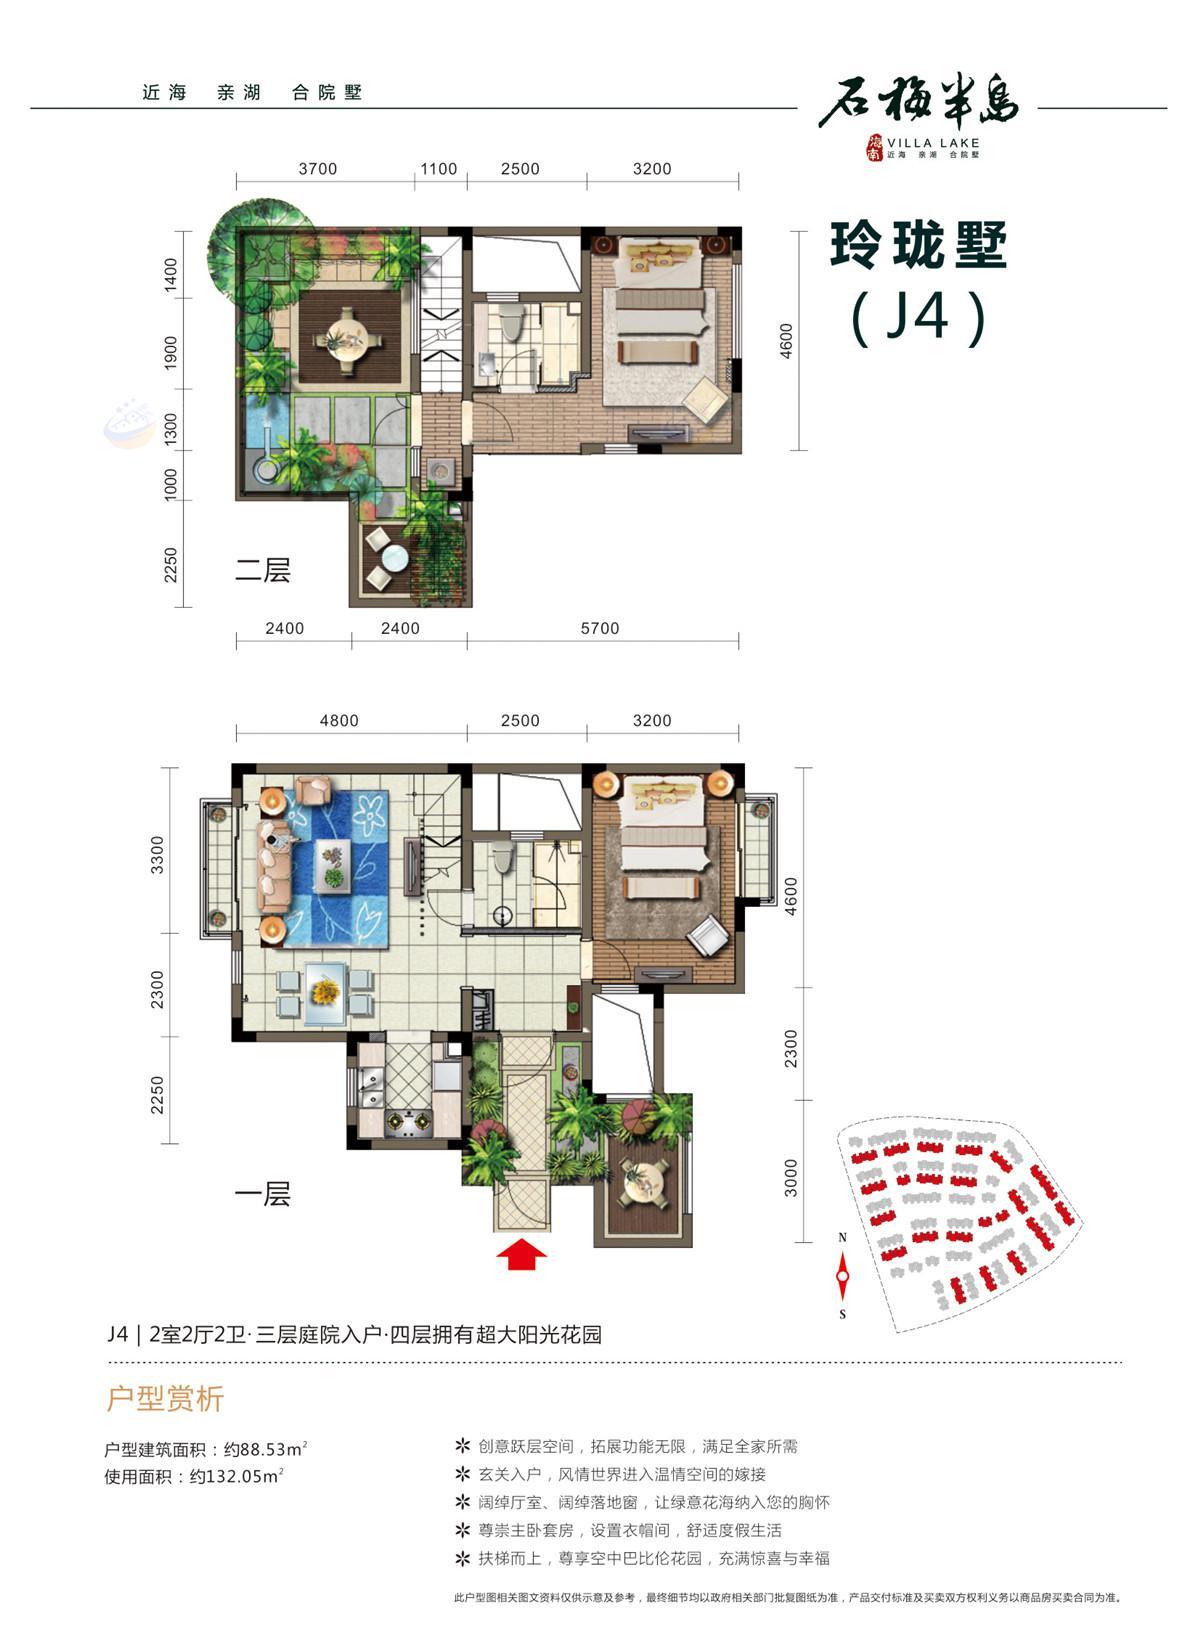 石梅半岛2室2厅2卫